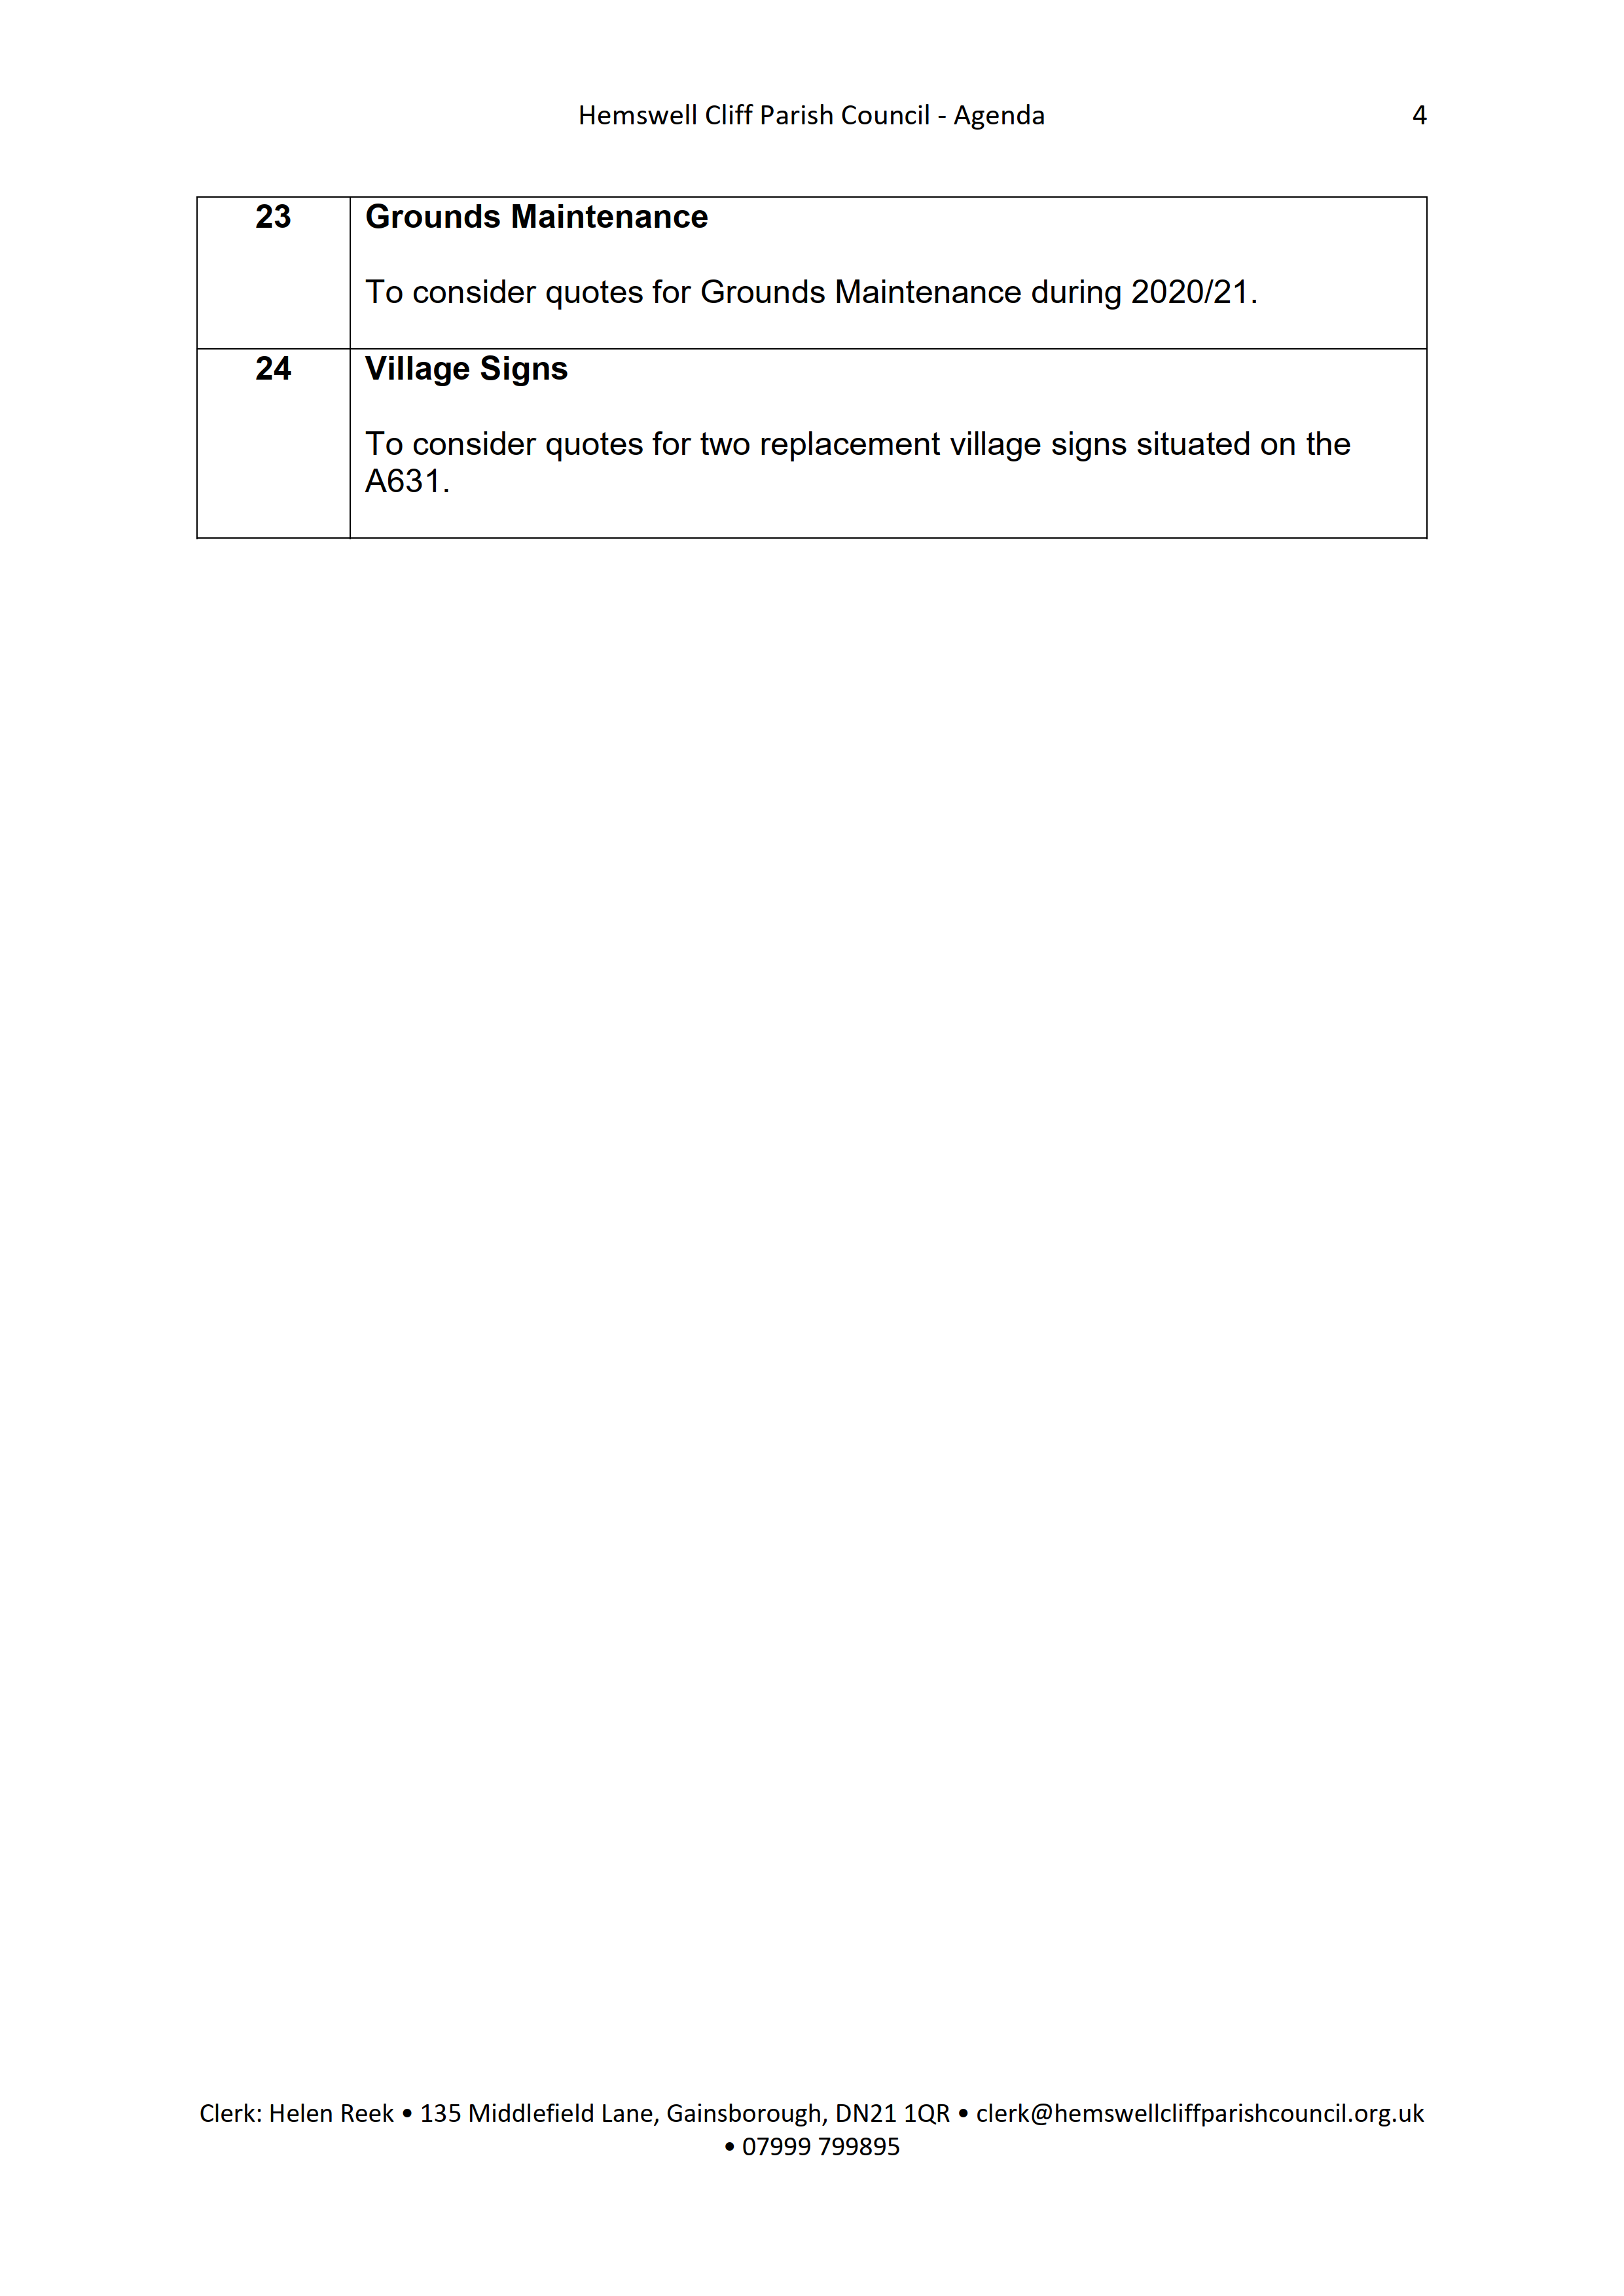 HCPC_Agenda_02.03.204.png